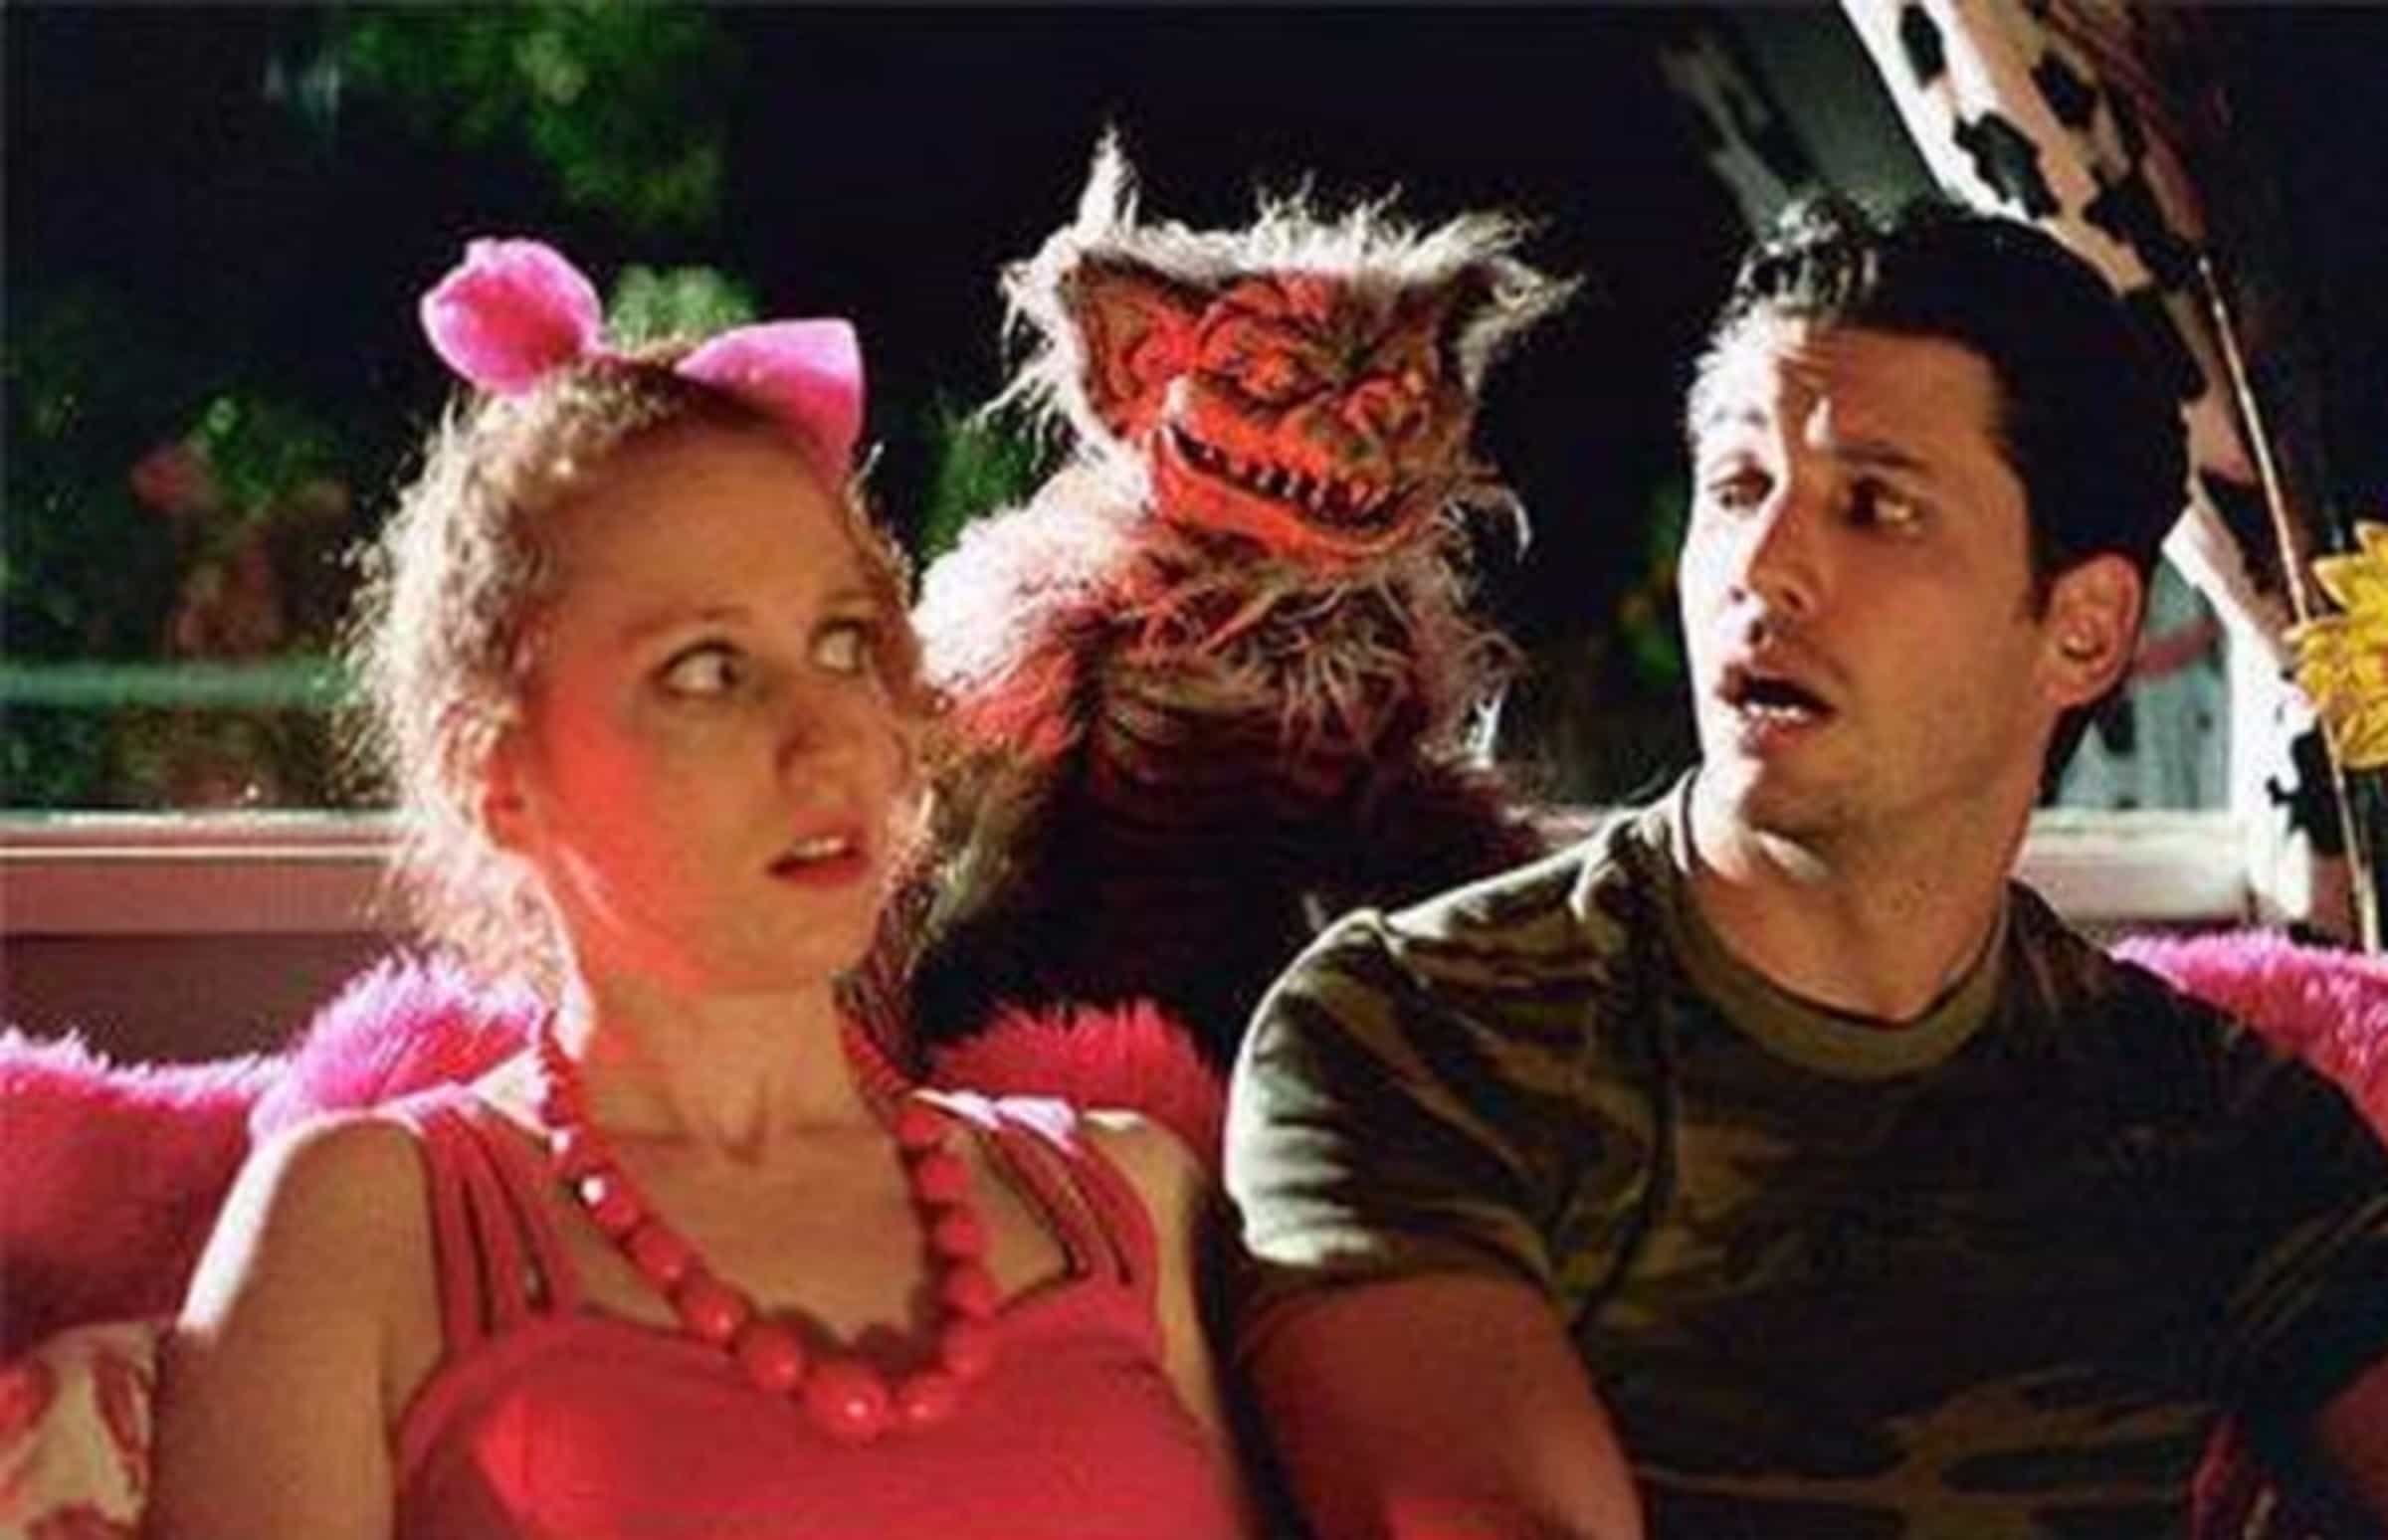 Serão estes os piores filmes de terror de sempre?